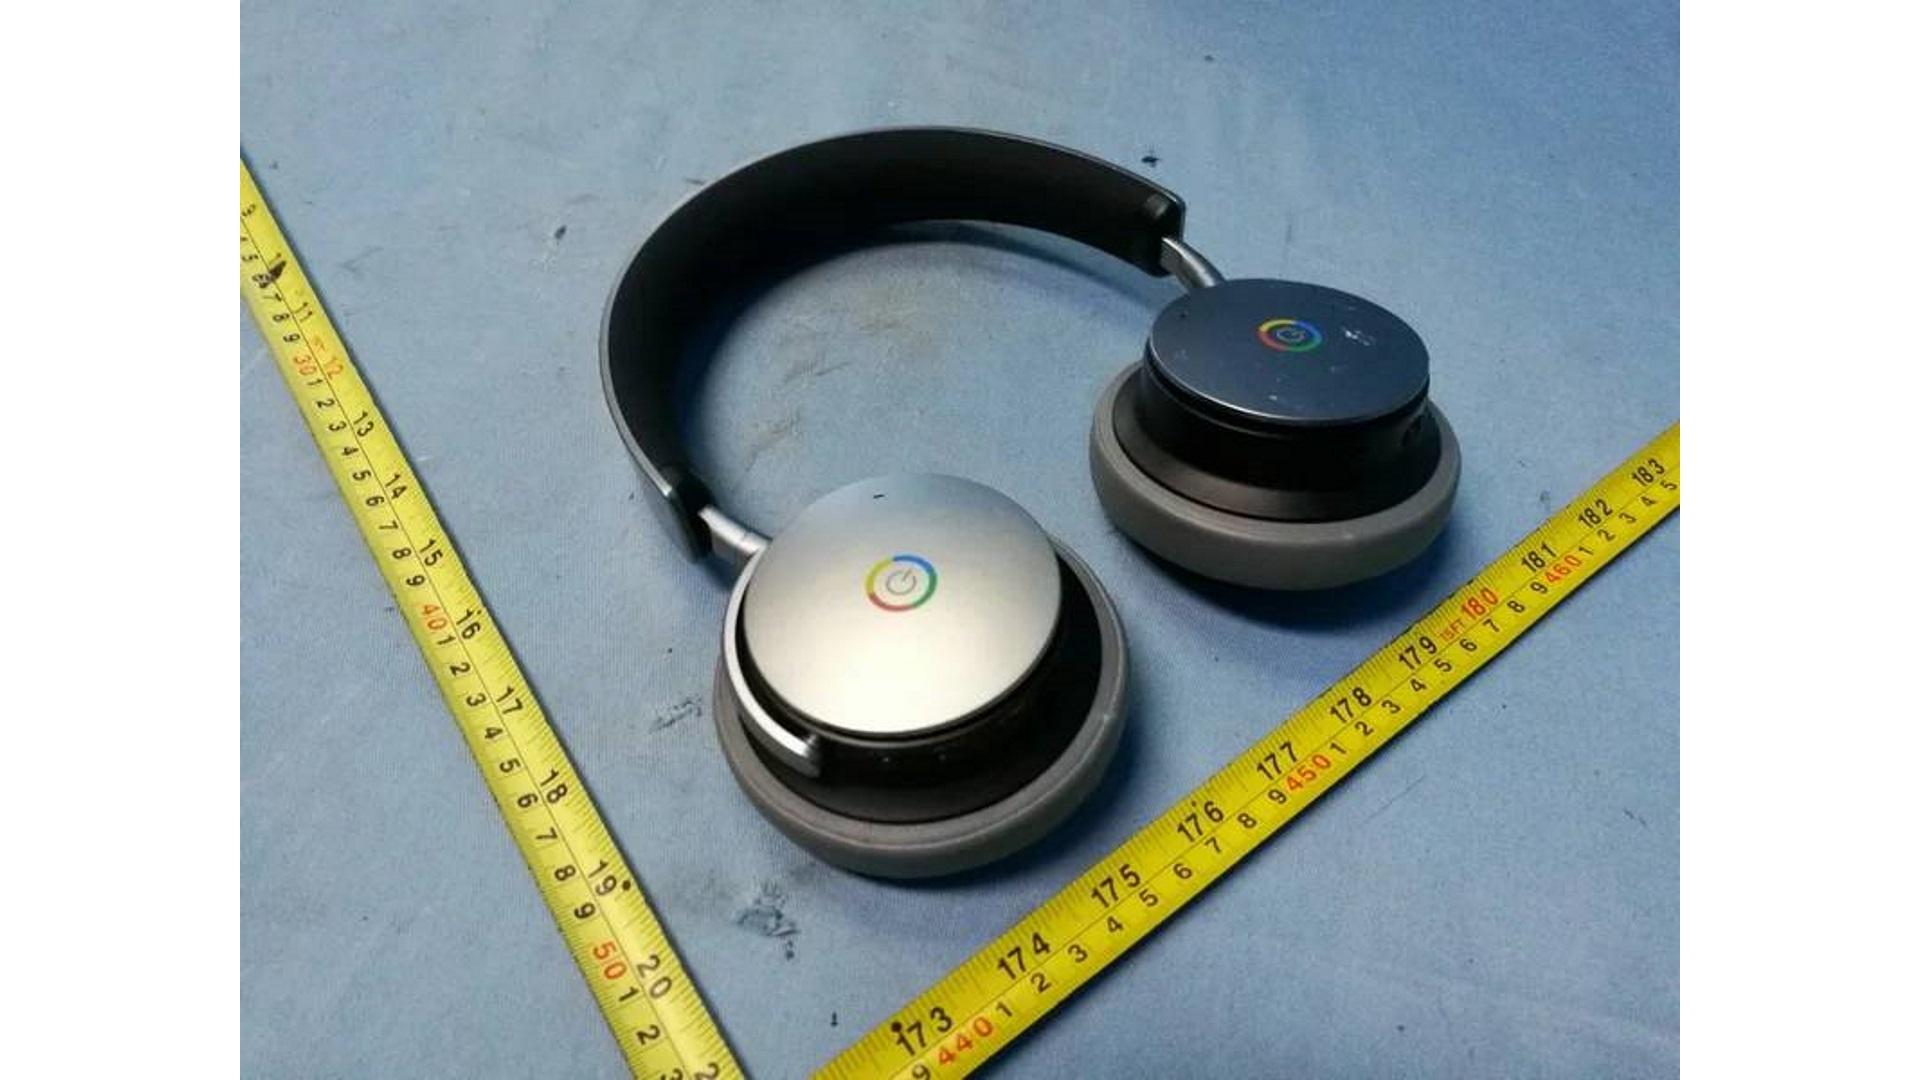 Google ブランドのオーバーヘッド型 Bluetooth ヘットセット「GID5B」が FCC の認証を取得